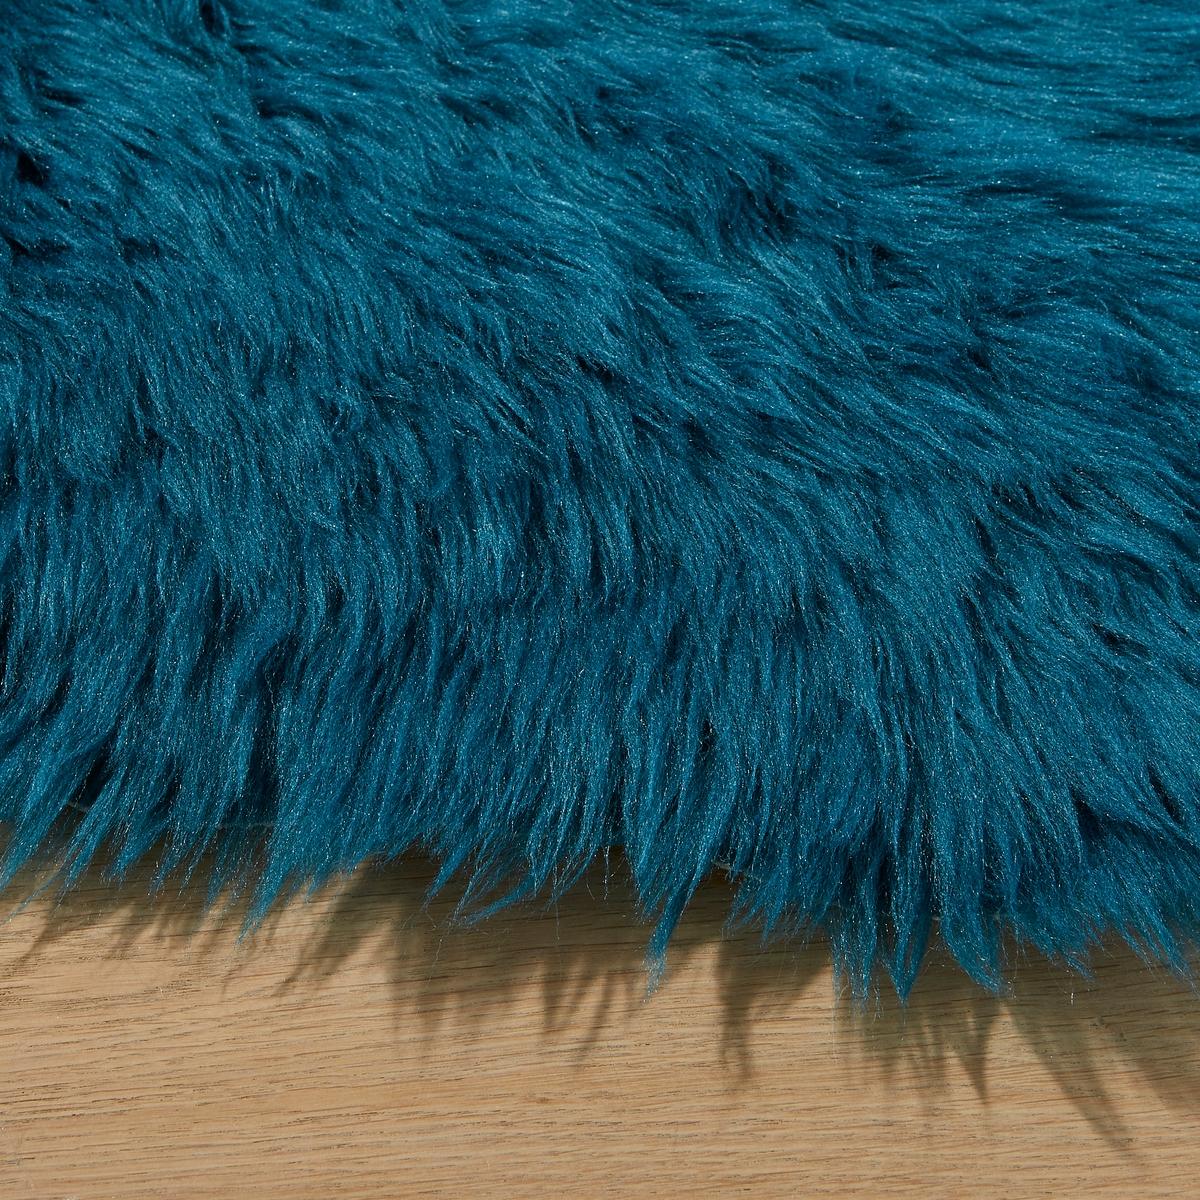 Ковер ShipaКовер Shipa. Ковер из искусственной овечьей шерсти в аутентичном стиле. Производство: Франция.Описание ковра Shipa :100% акрилВысота ворса : 5,5 смДругие модели ковров вы можете найти на сайте laredoute.ru.Размеры :50 x 90 см<br><br>Цвет: небесно-голубой,розовый,сине-зеленый,сиреневый,черный<br>Размер: 55 x 90 см